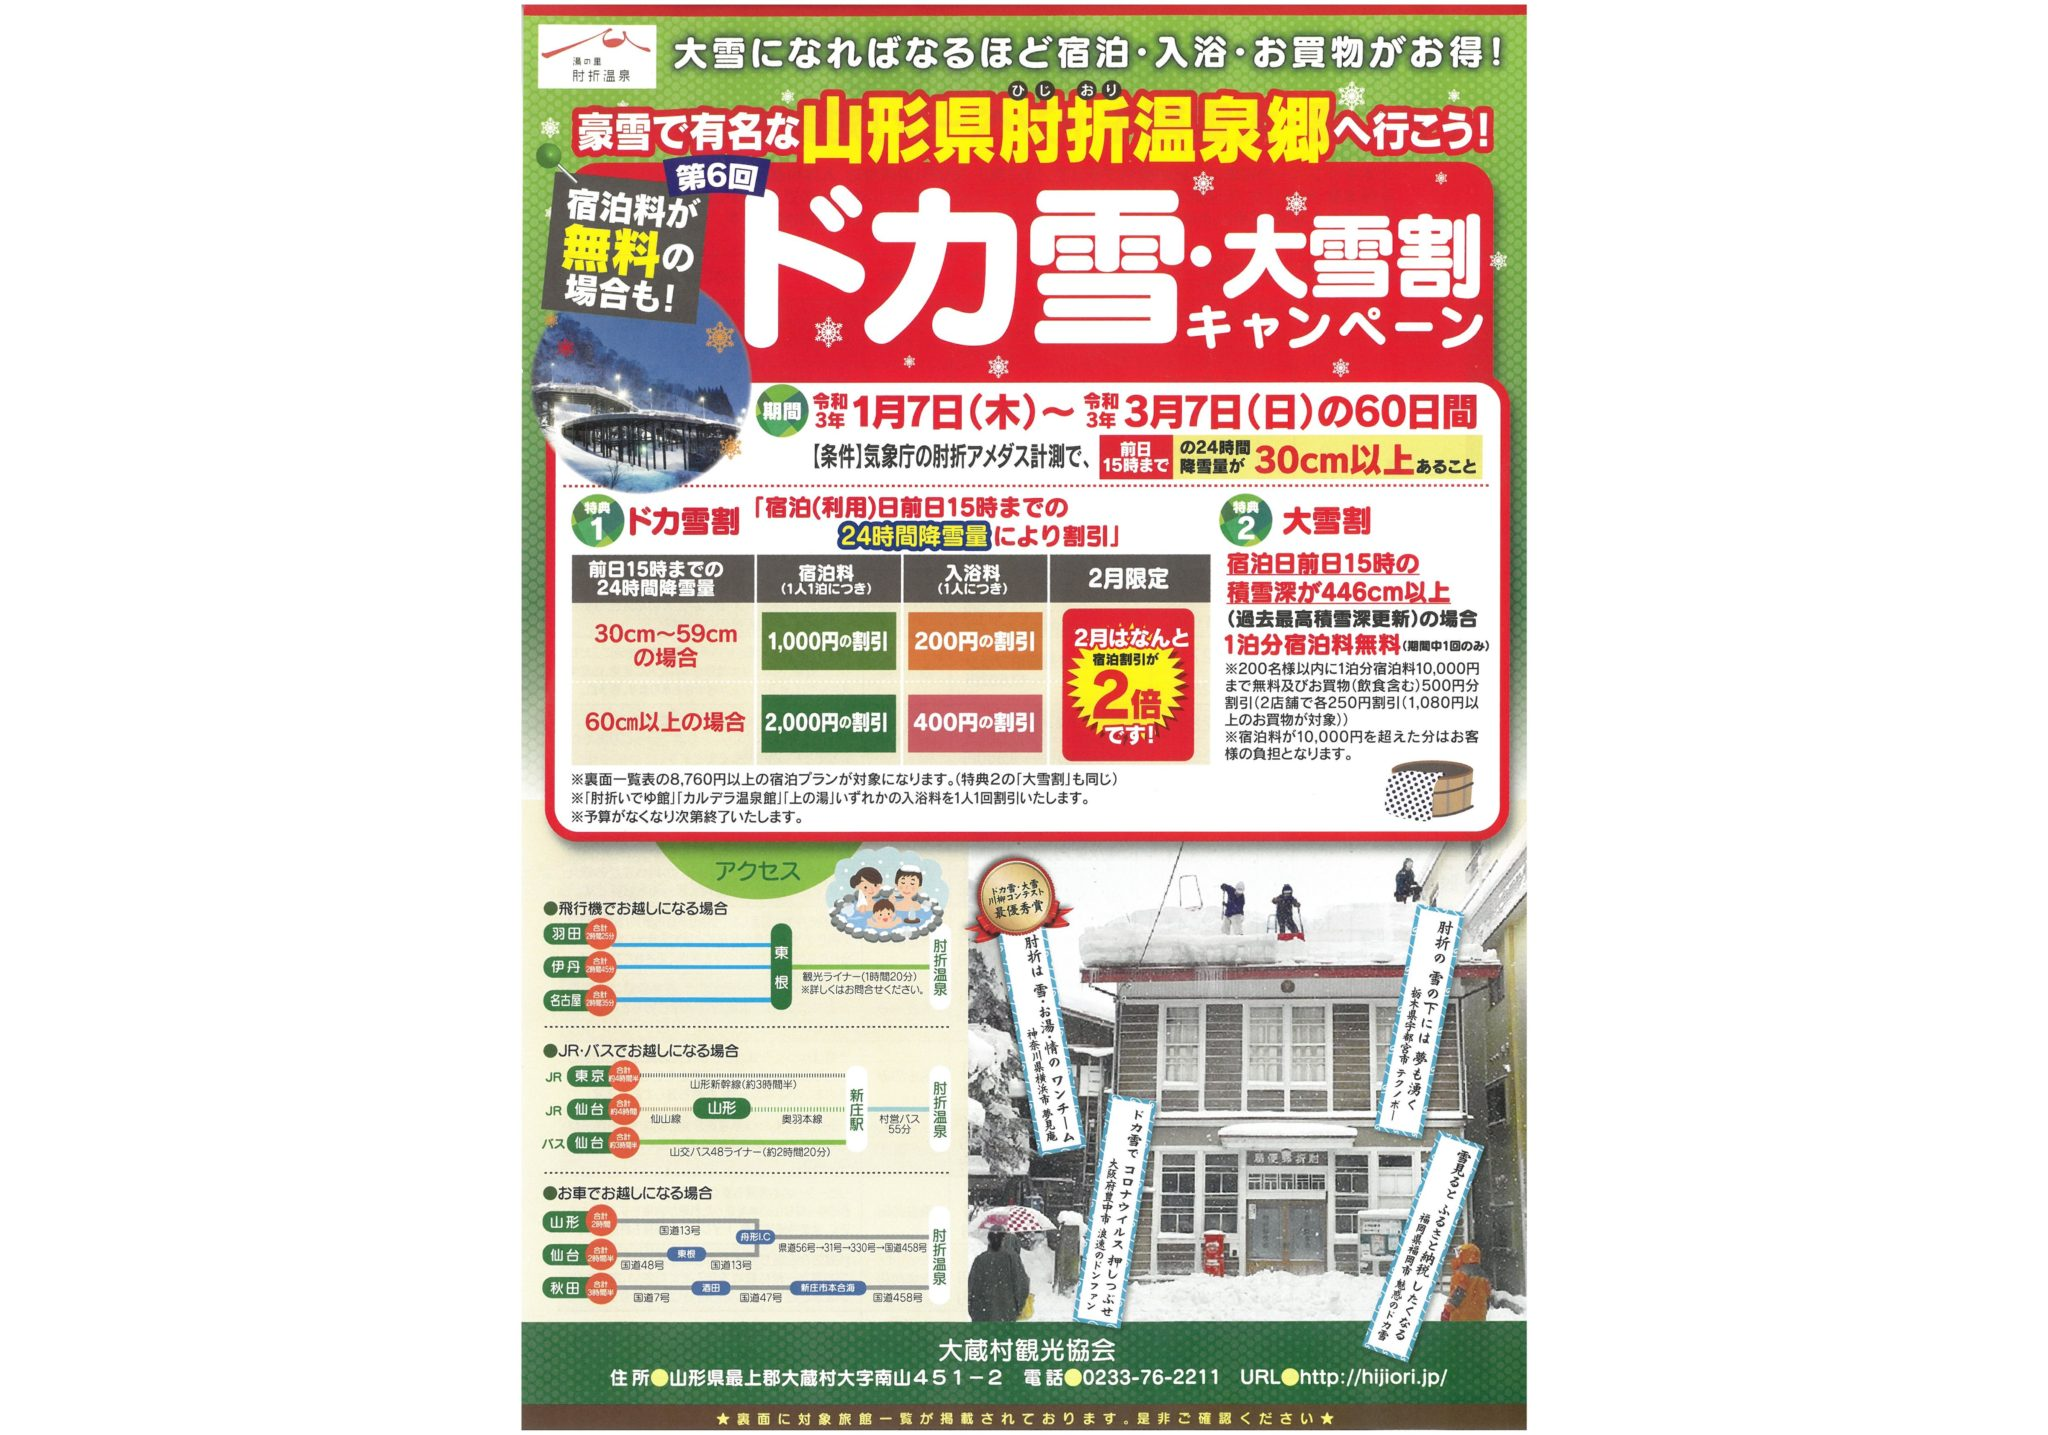 第6回 ドカ雪・大雪割キャンペーン(2021年)